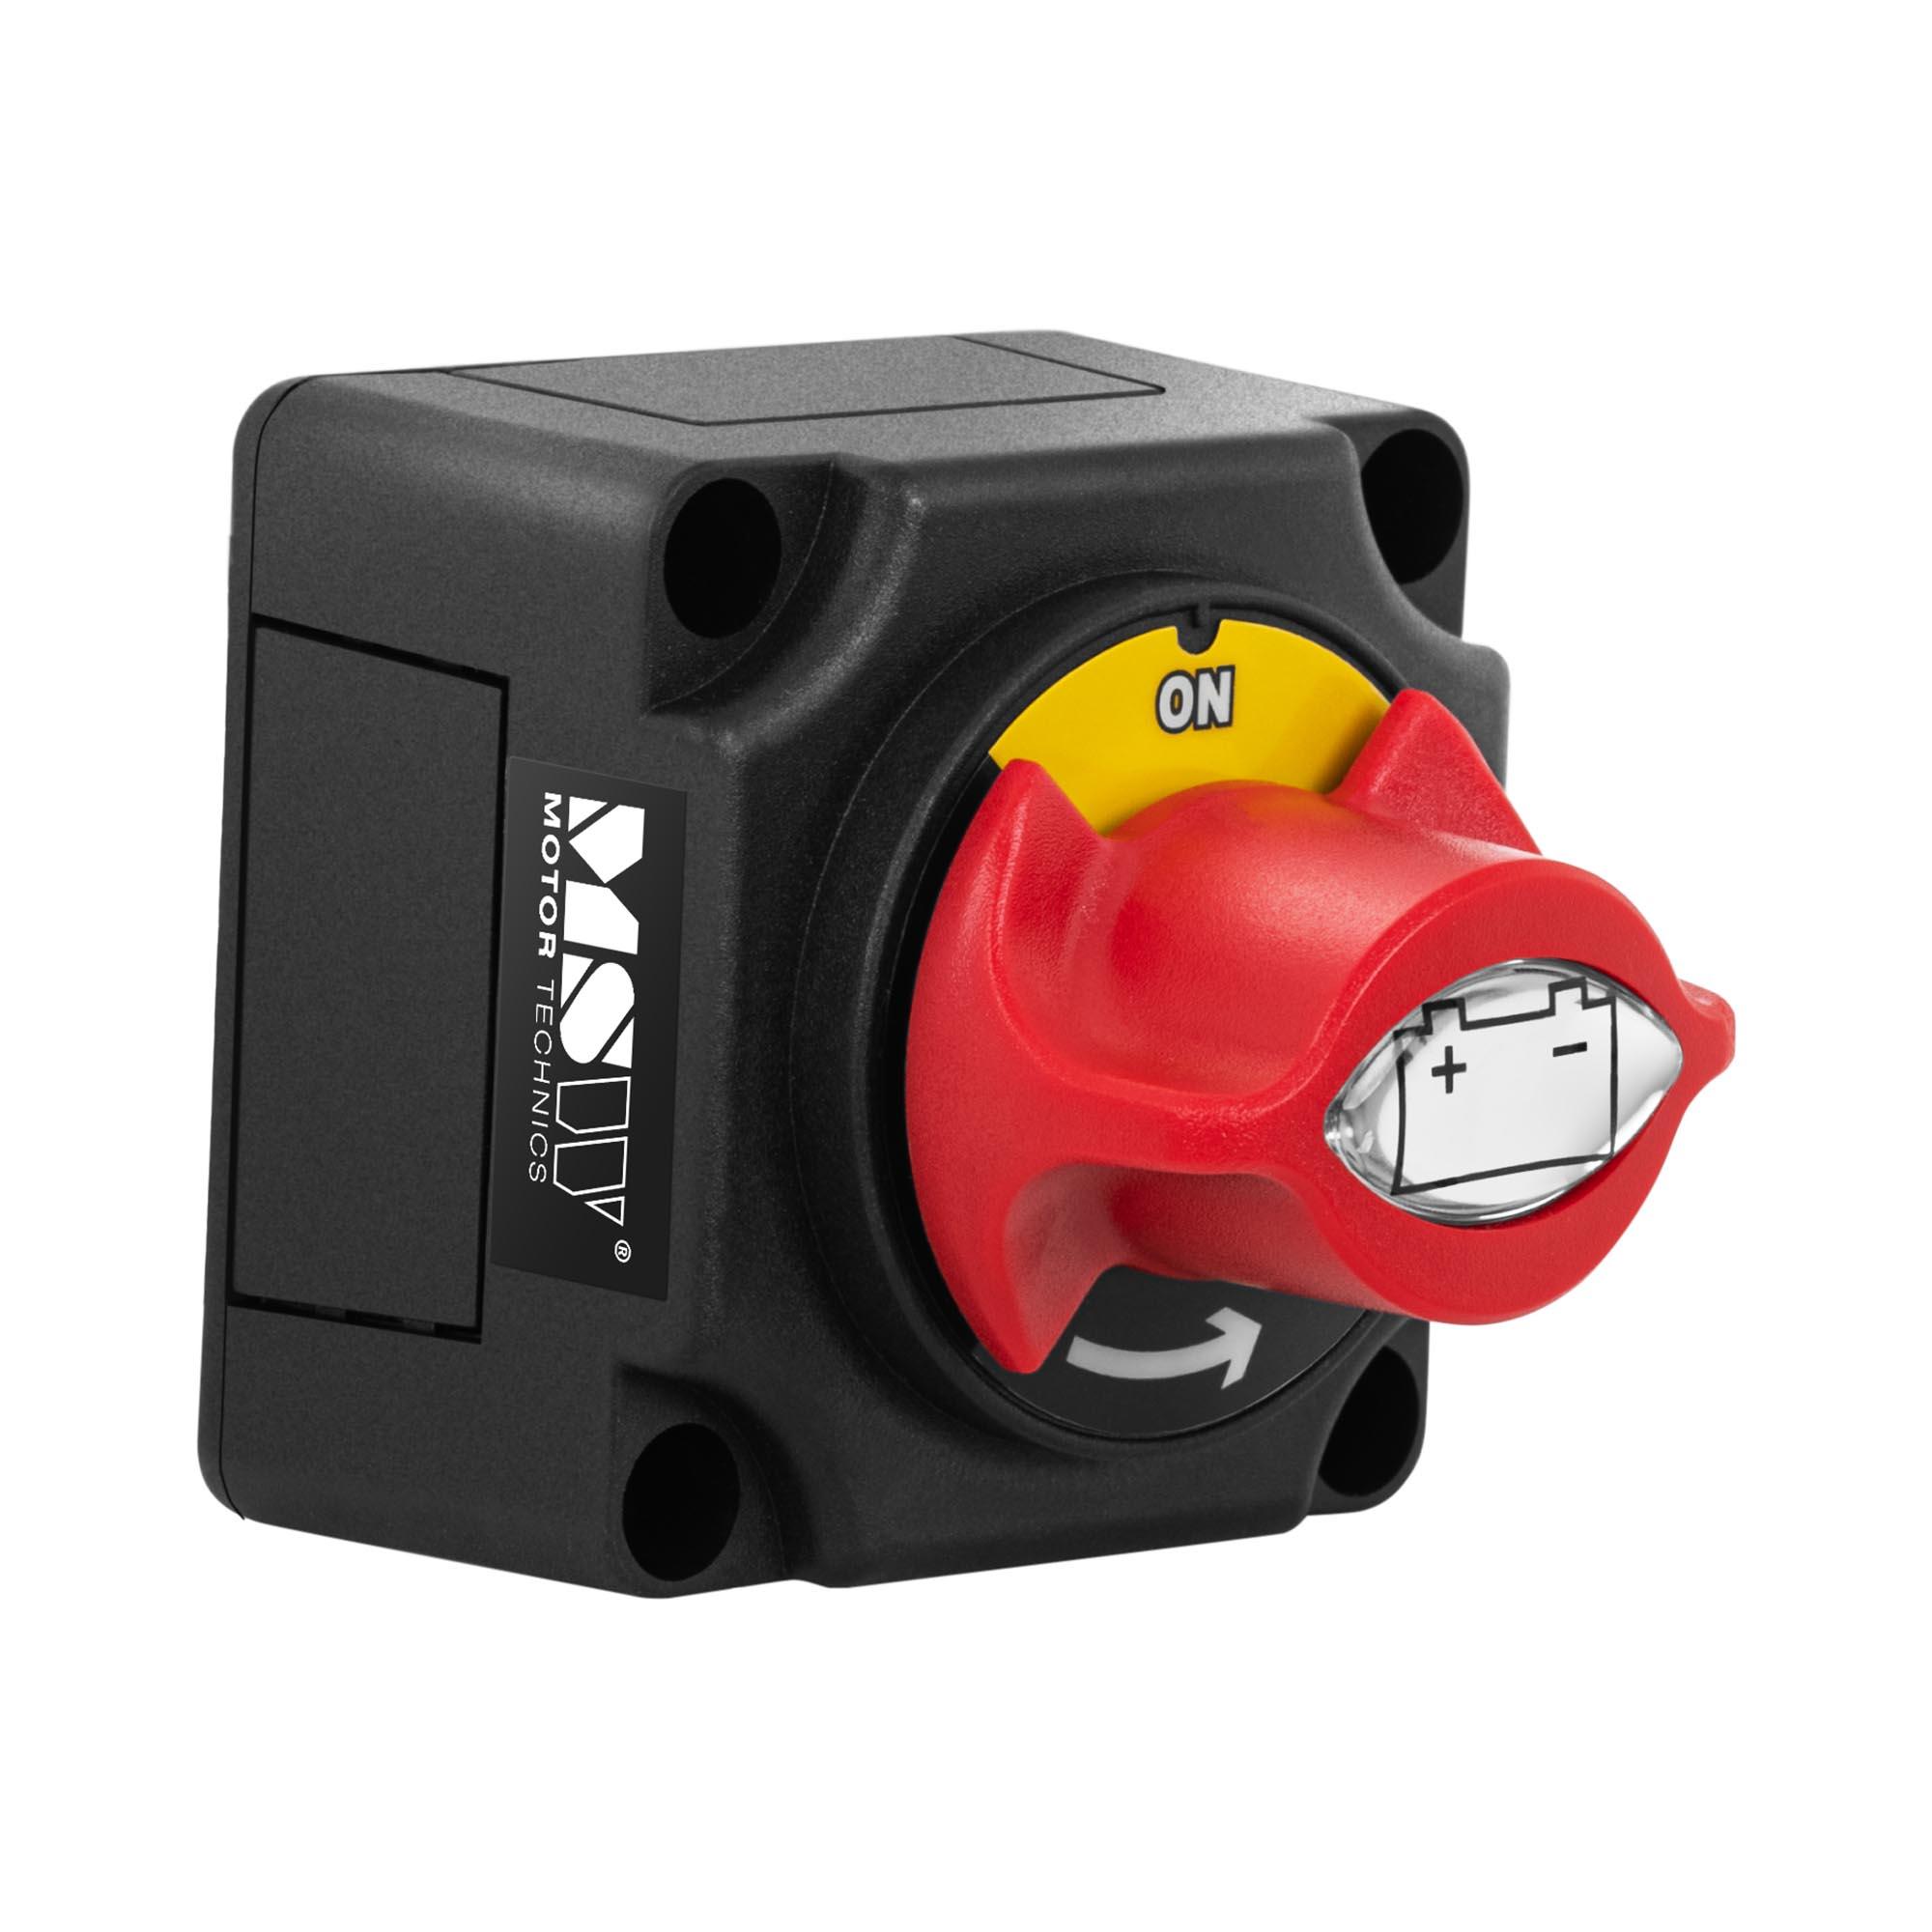 MSW Batterietrennschalter - 48 - 60 V - 275 A 10060828